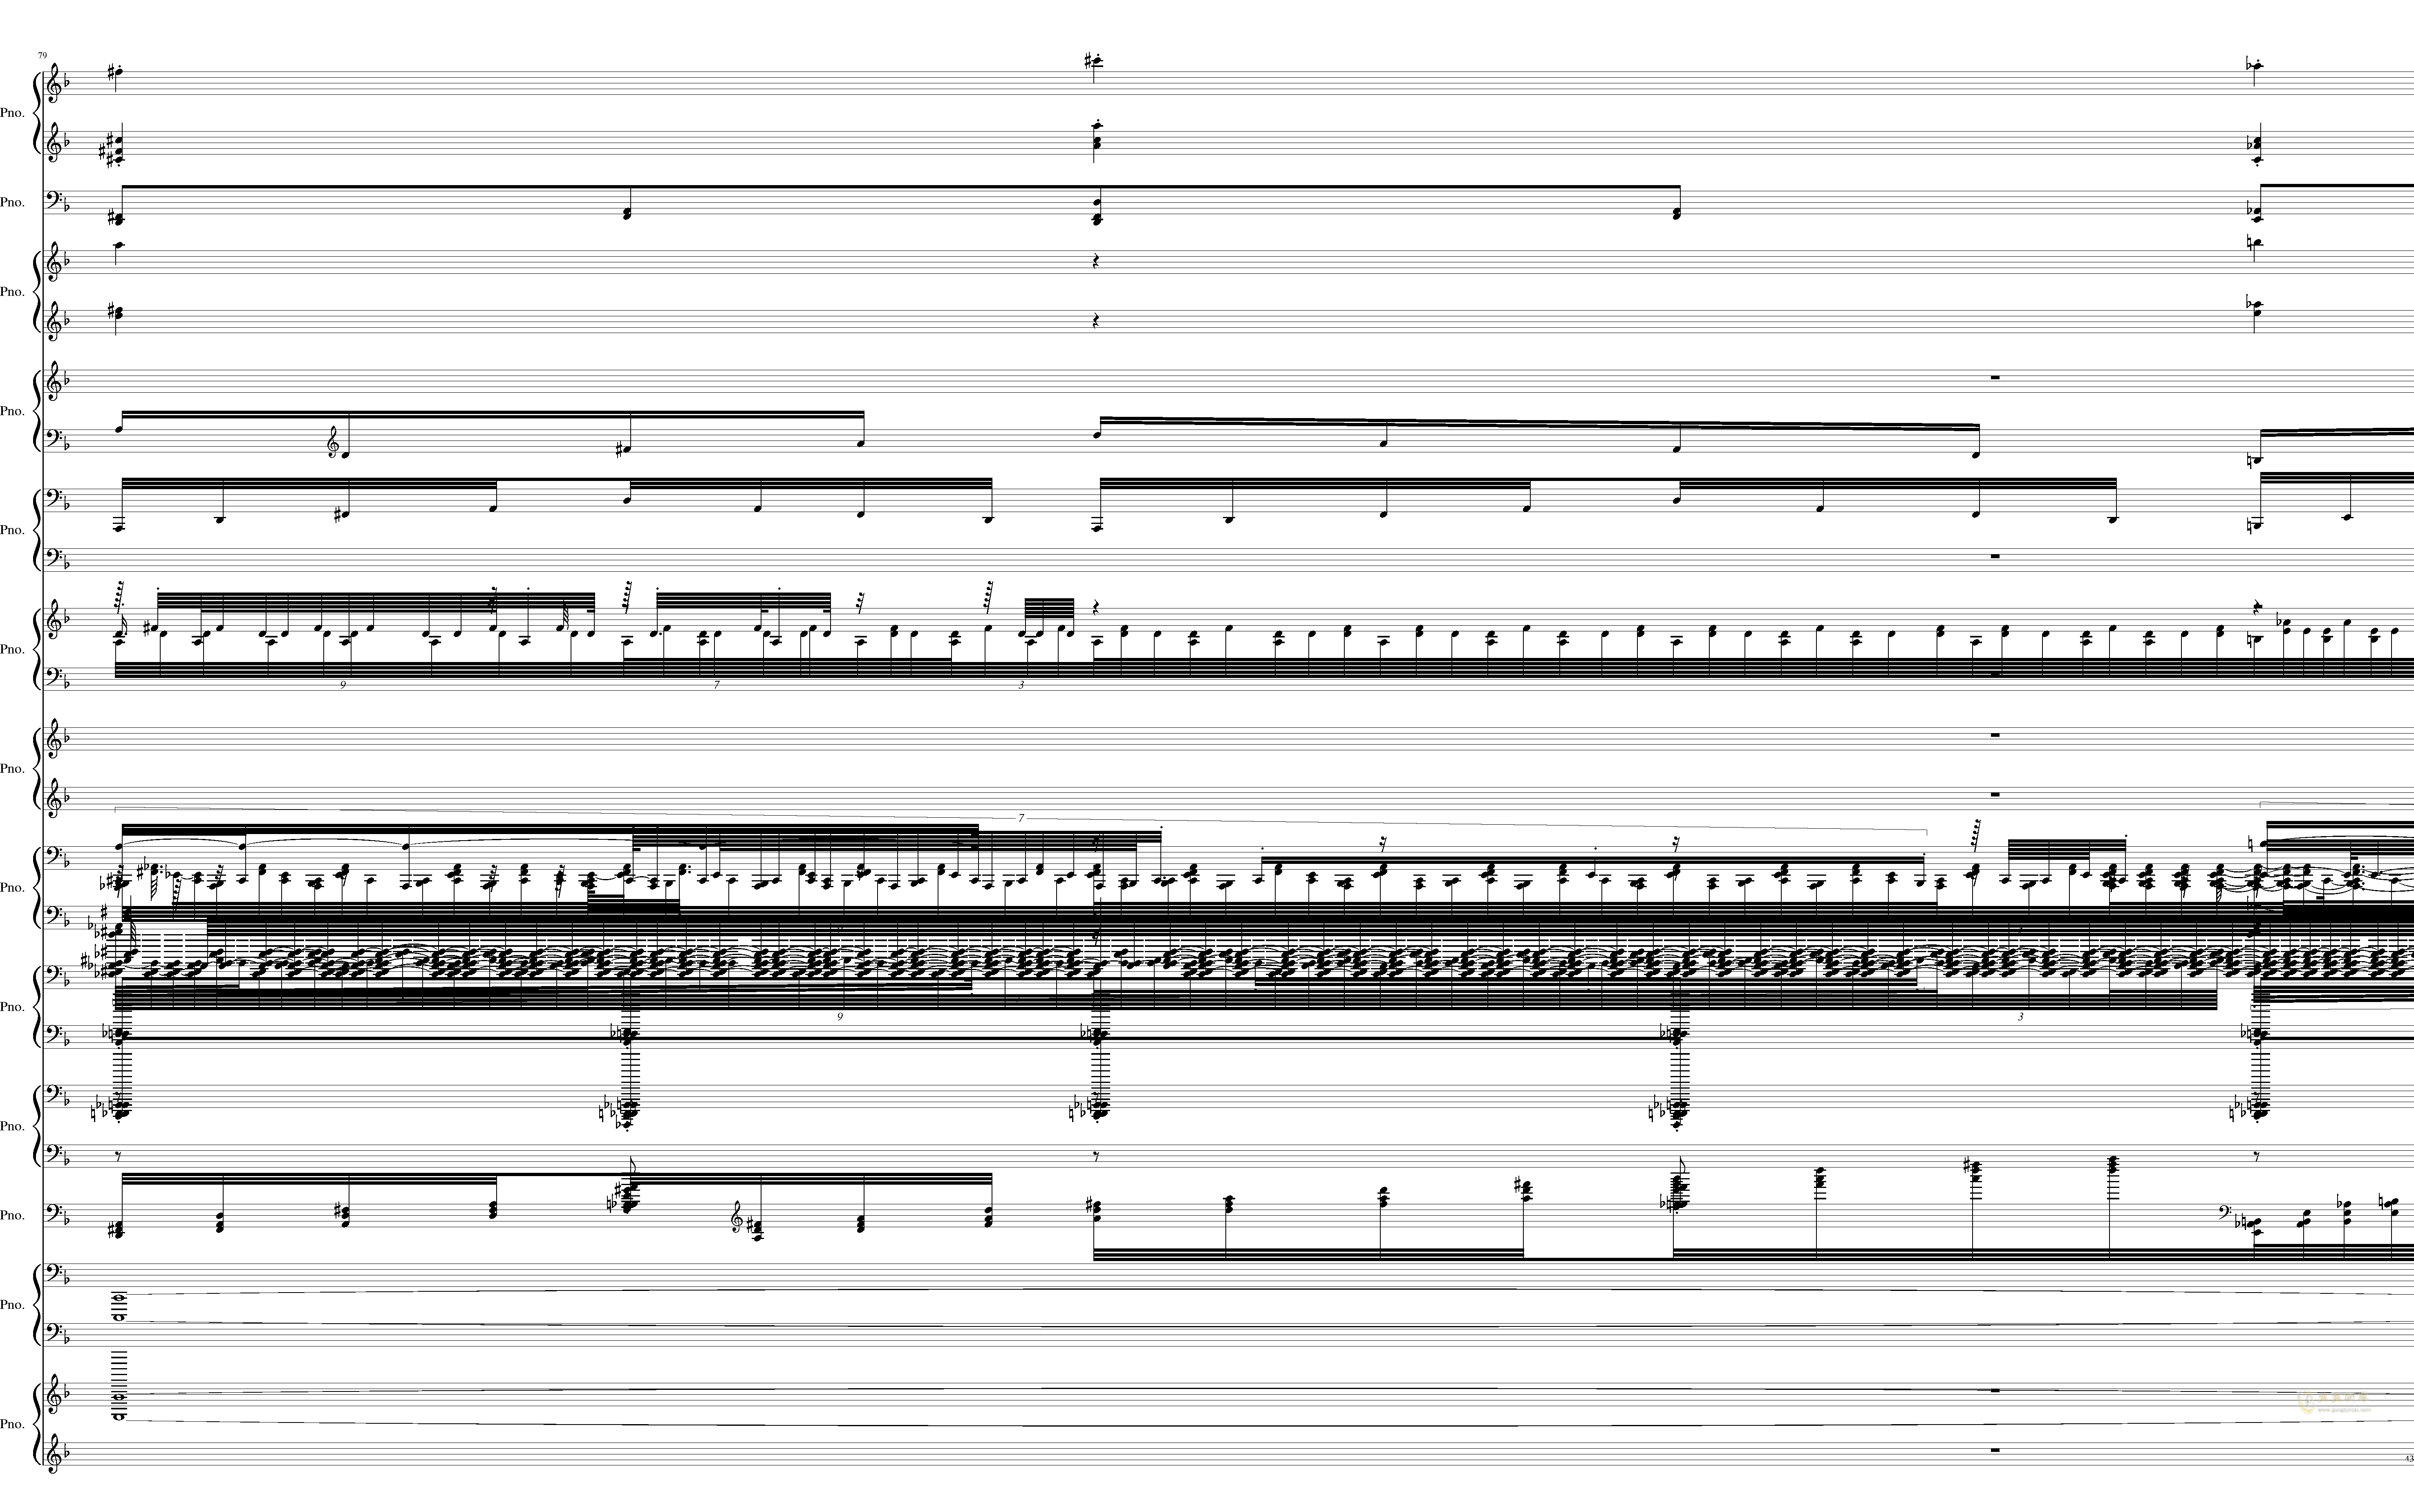 U.N. Owen was Her钢琴谱 第43页